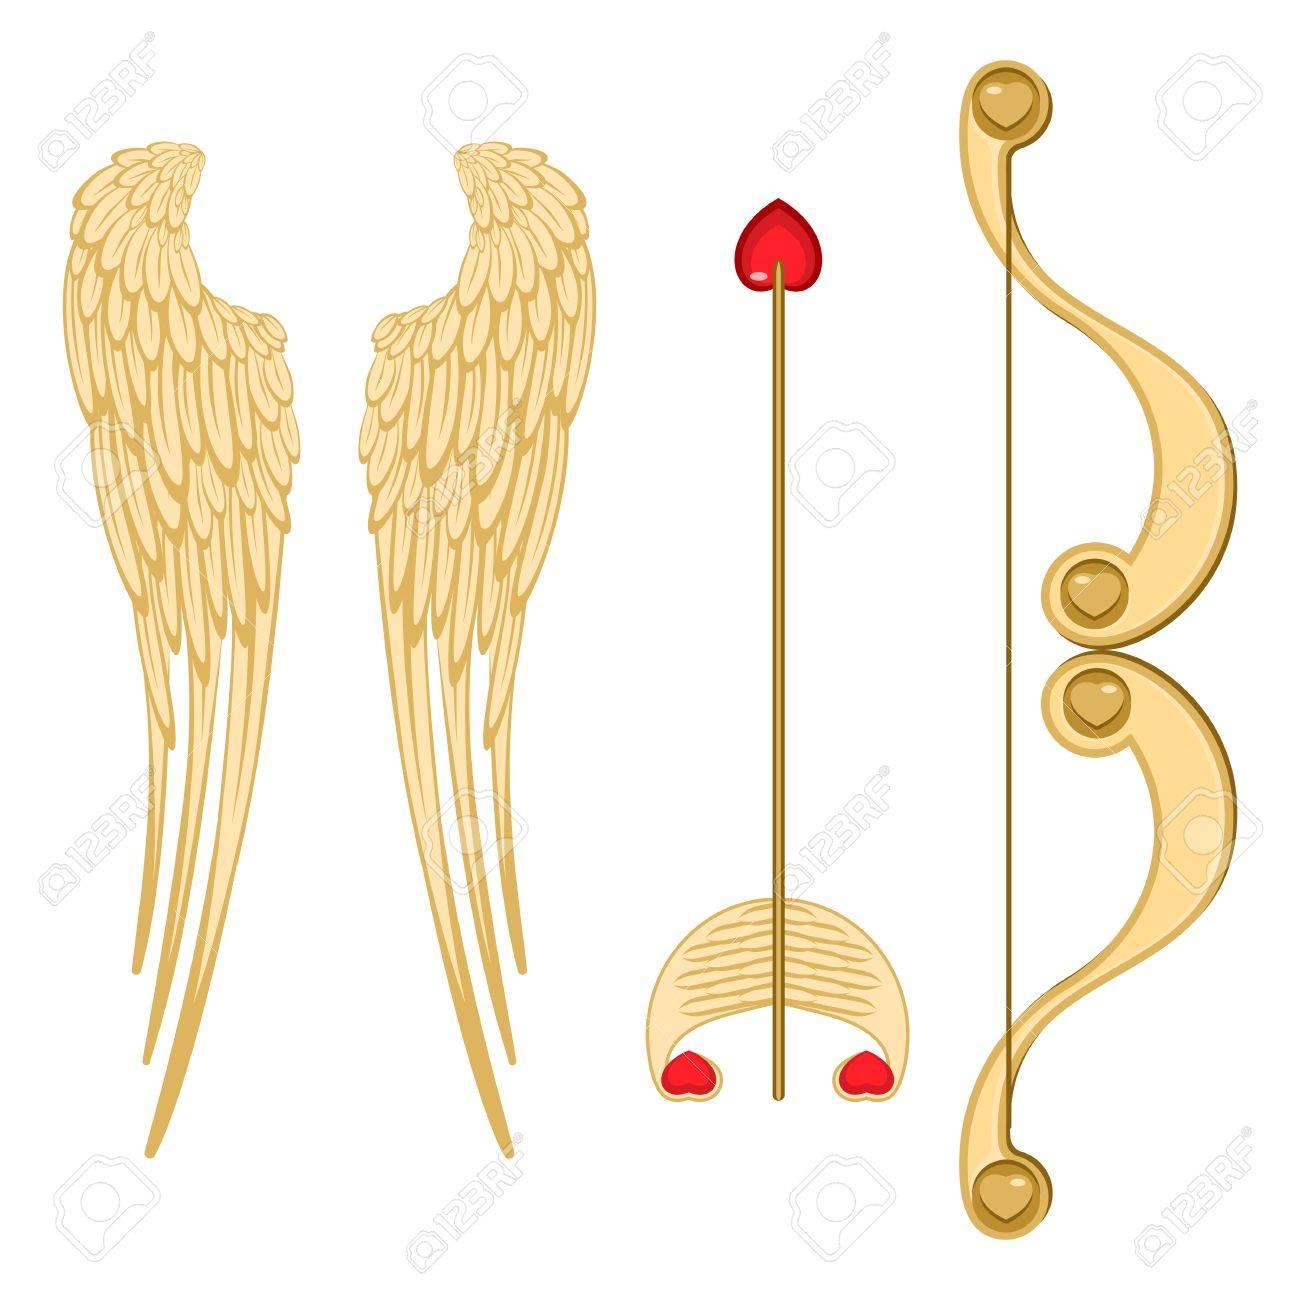 Engel Flugel Retro Amor Bogen Und Pfeil Mit Herz Realistische